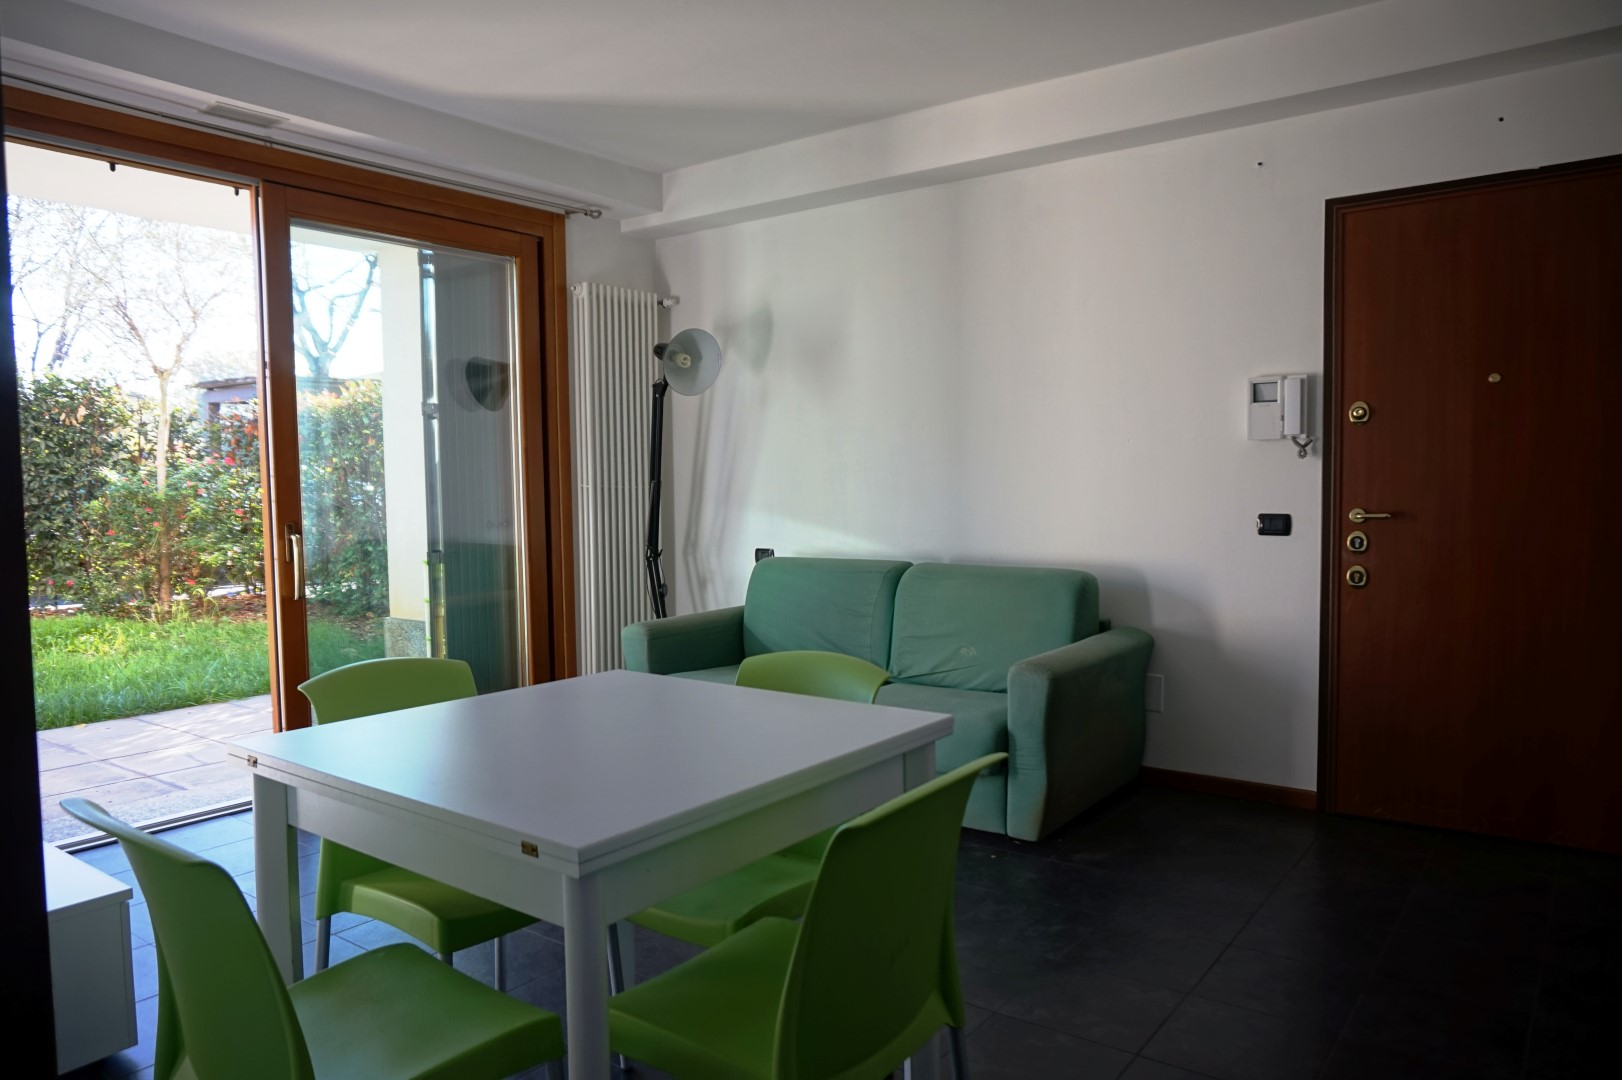 Appartamento monolocale arredato in affitto a dalmine for Monolocale arredato affitto